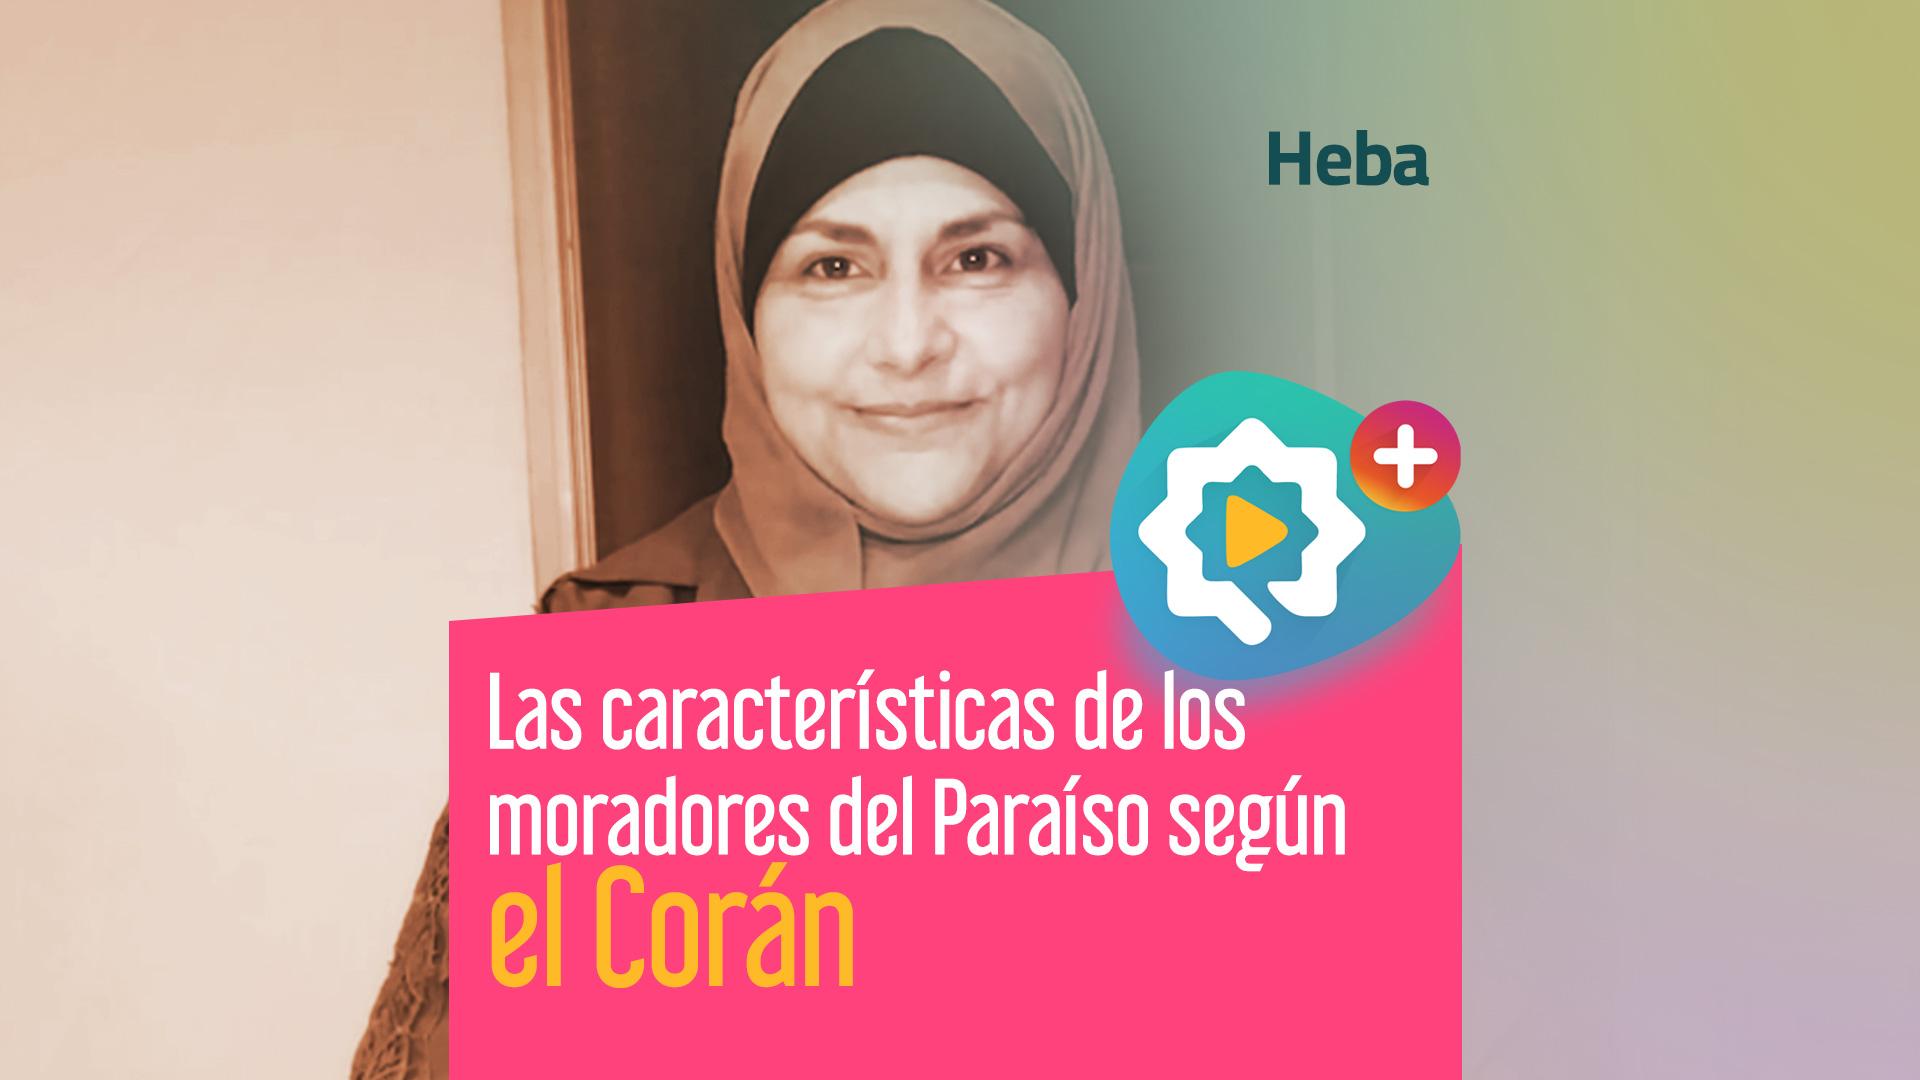 Las características de los moradores del Paraíso según el Corán